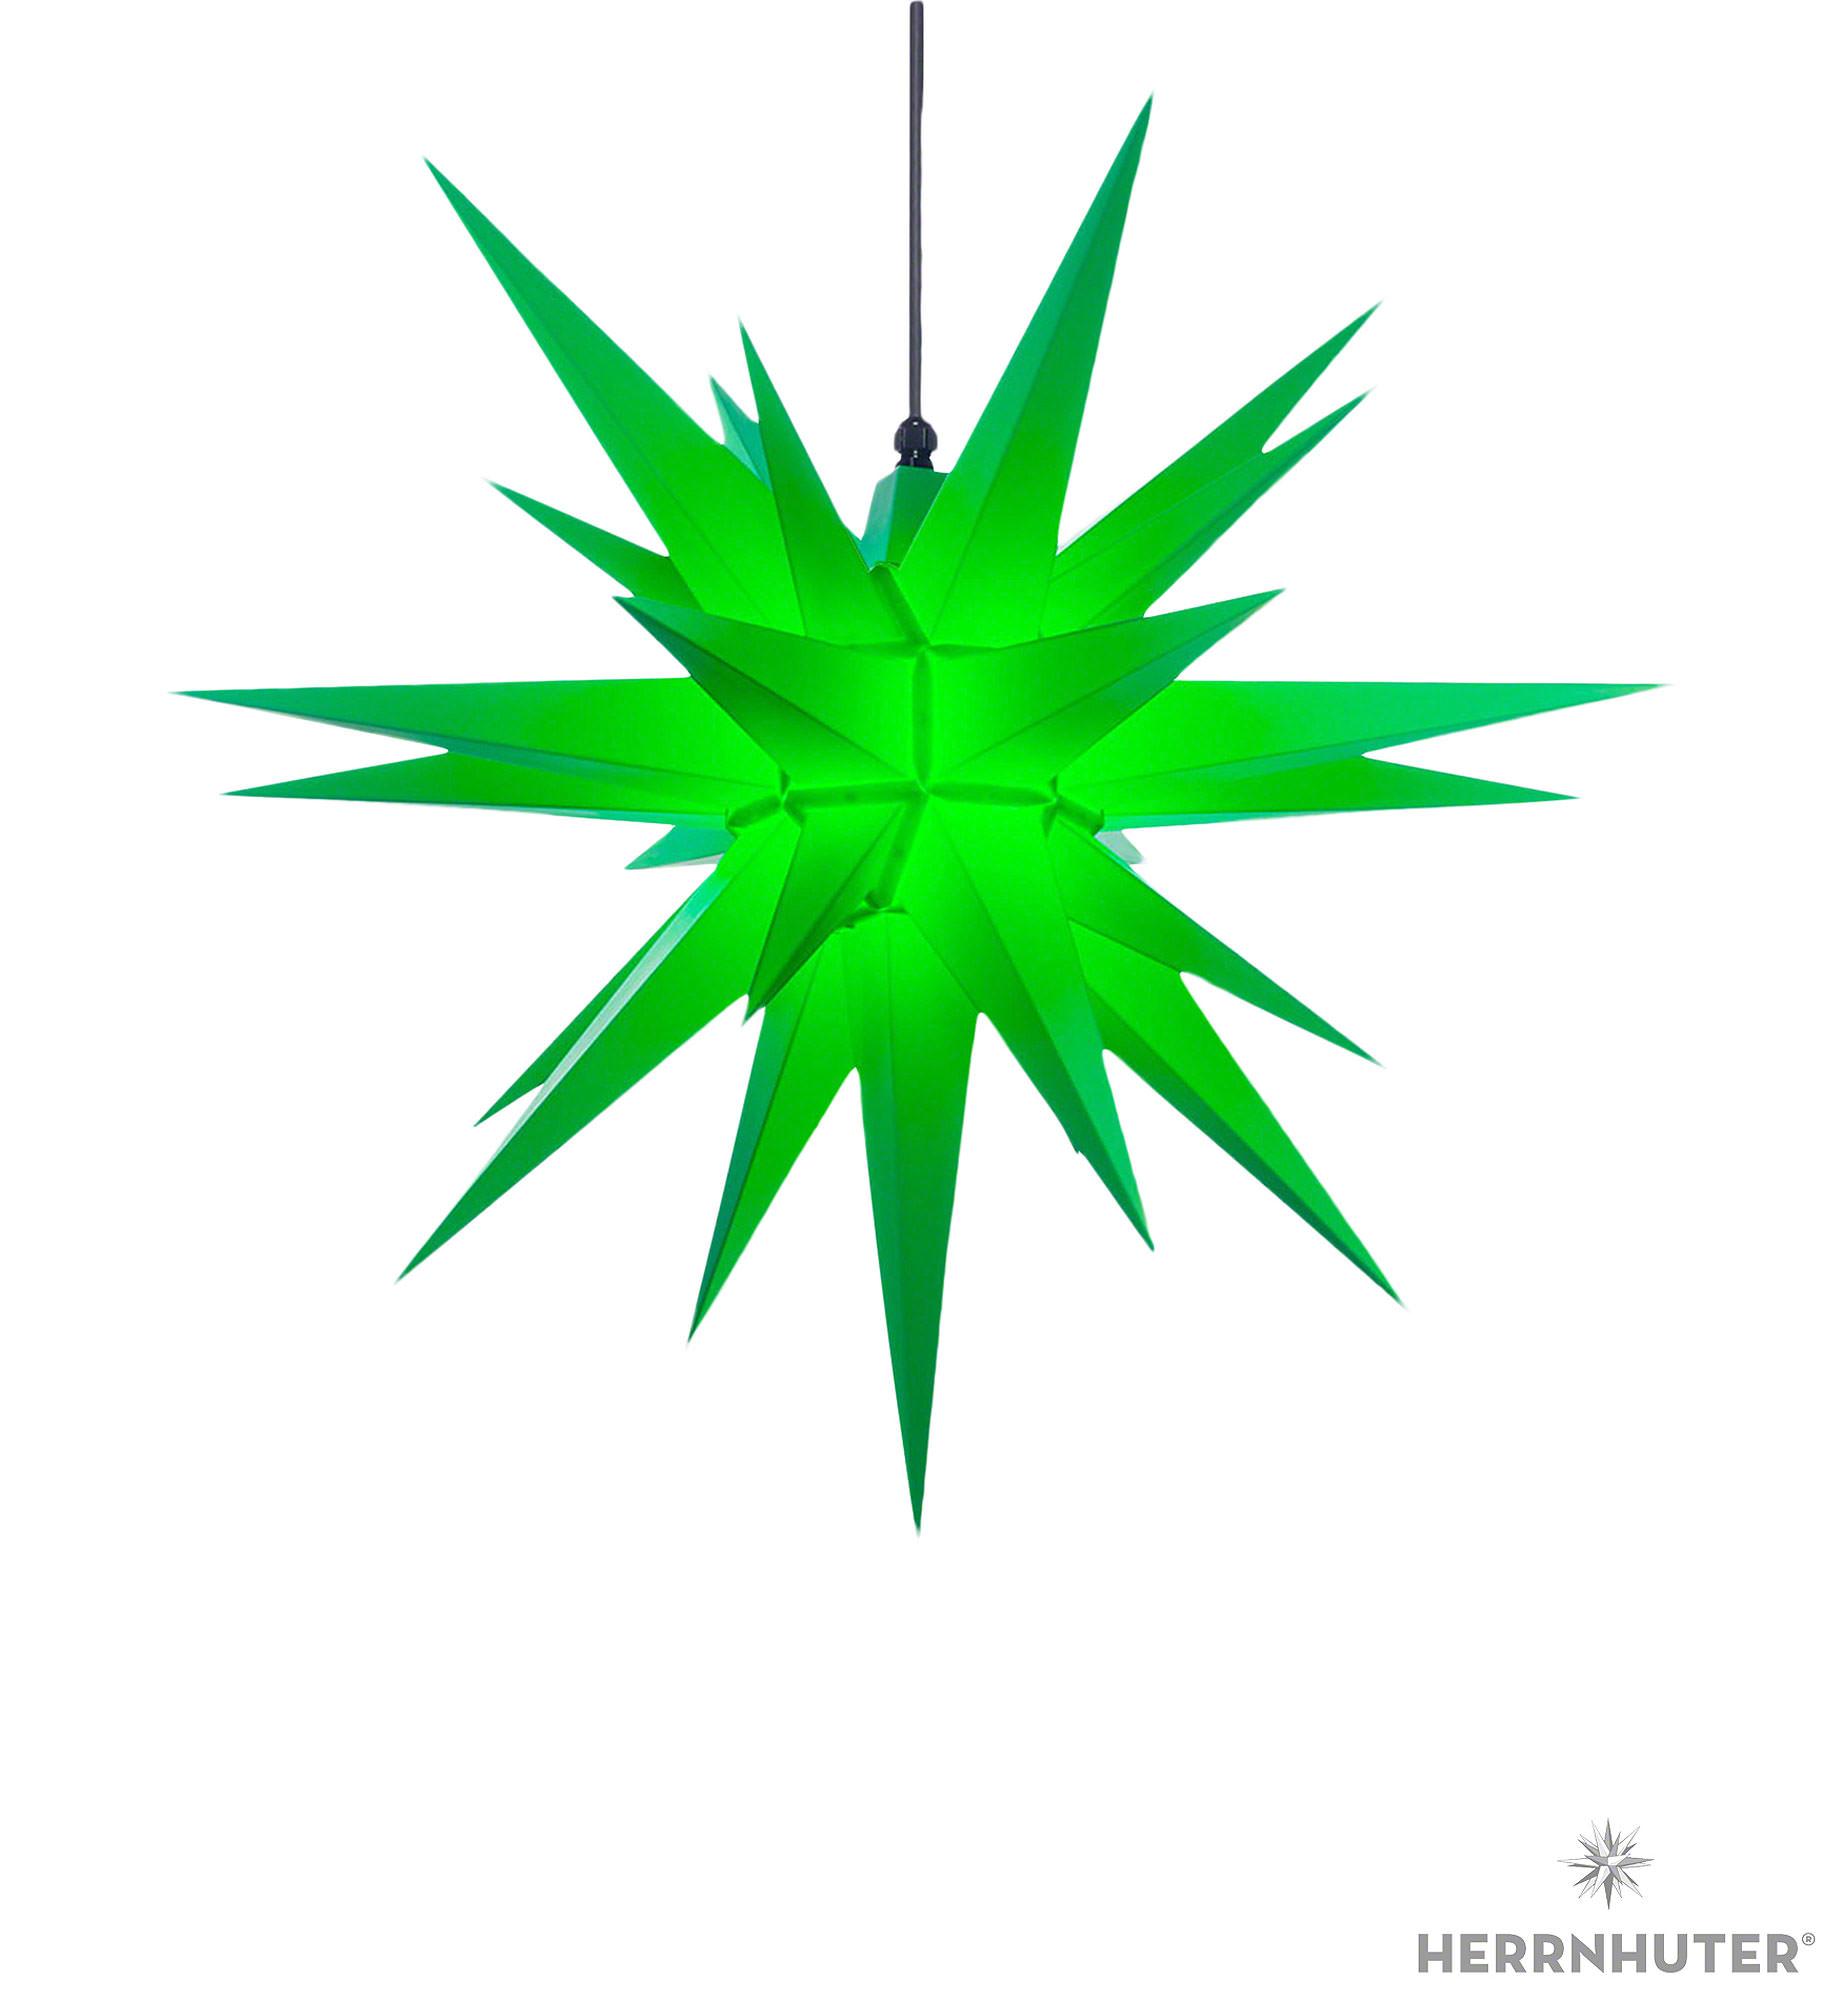 Herrnhuter Kaufen herrnhuter a7 grün kunststoff 68 cm herrnhuter sterne